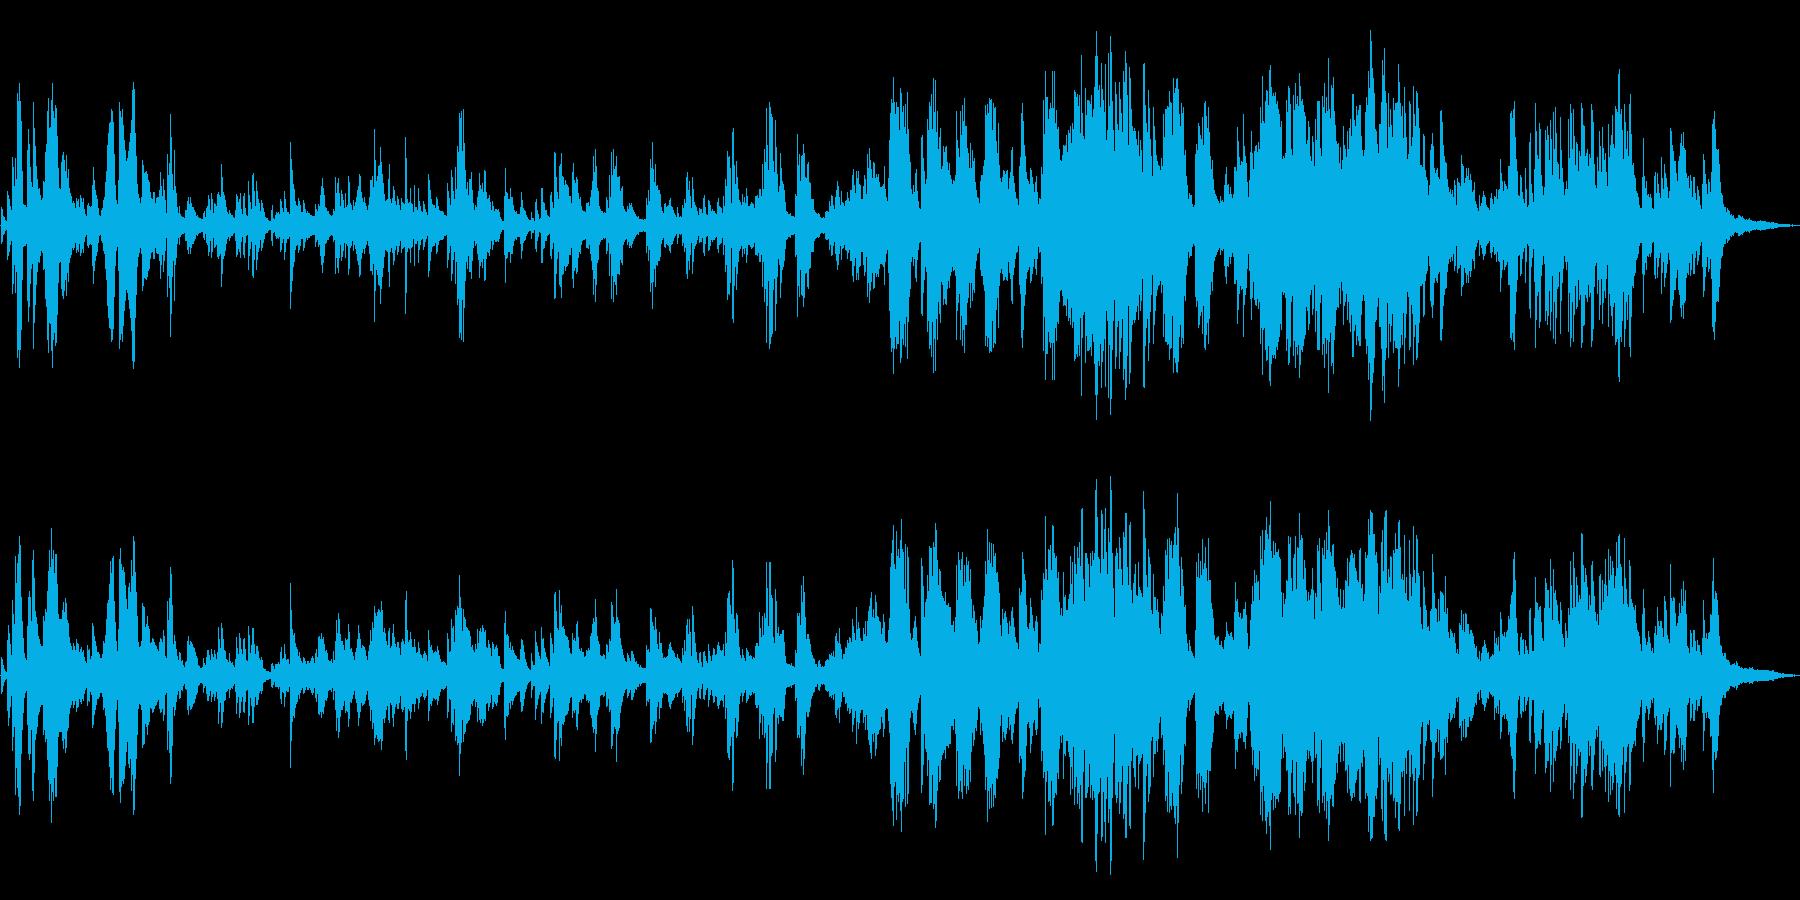 しっとりした和風 ピアノソロの再生済みの波形